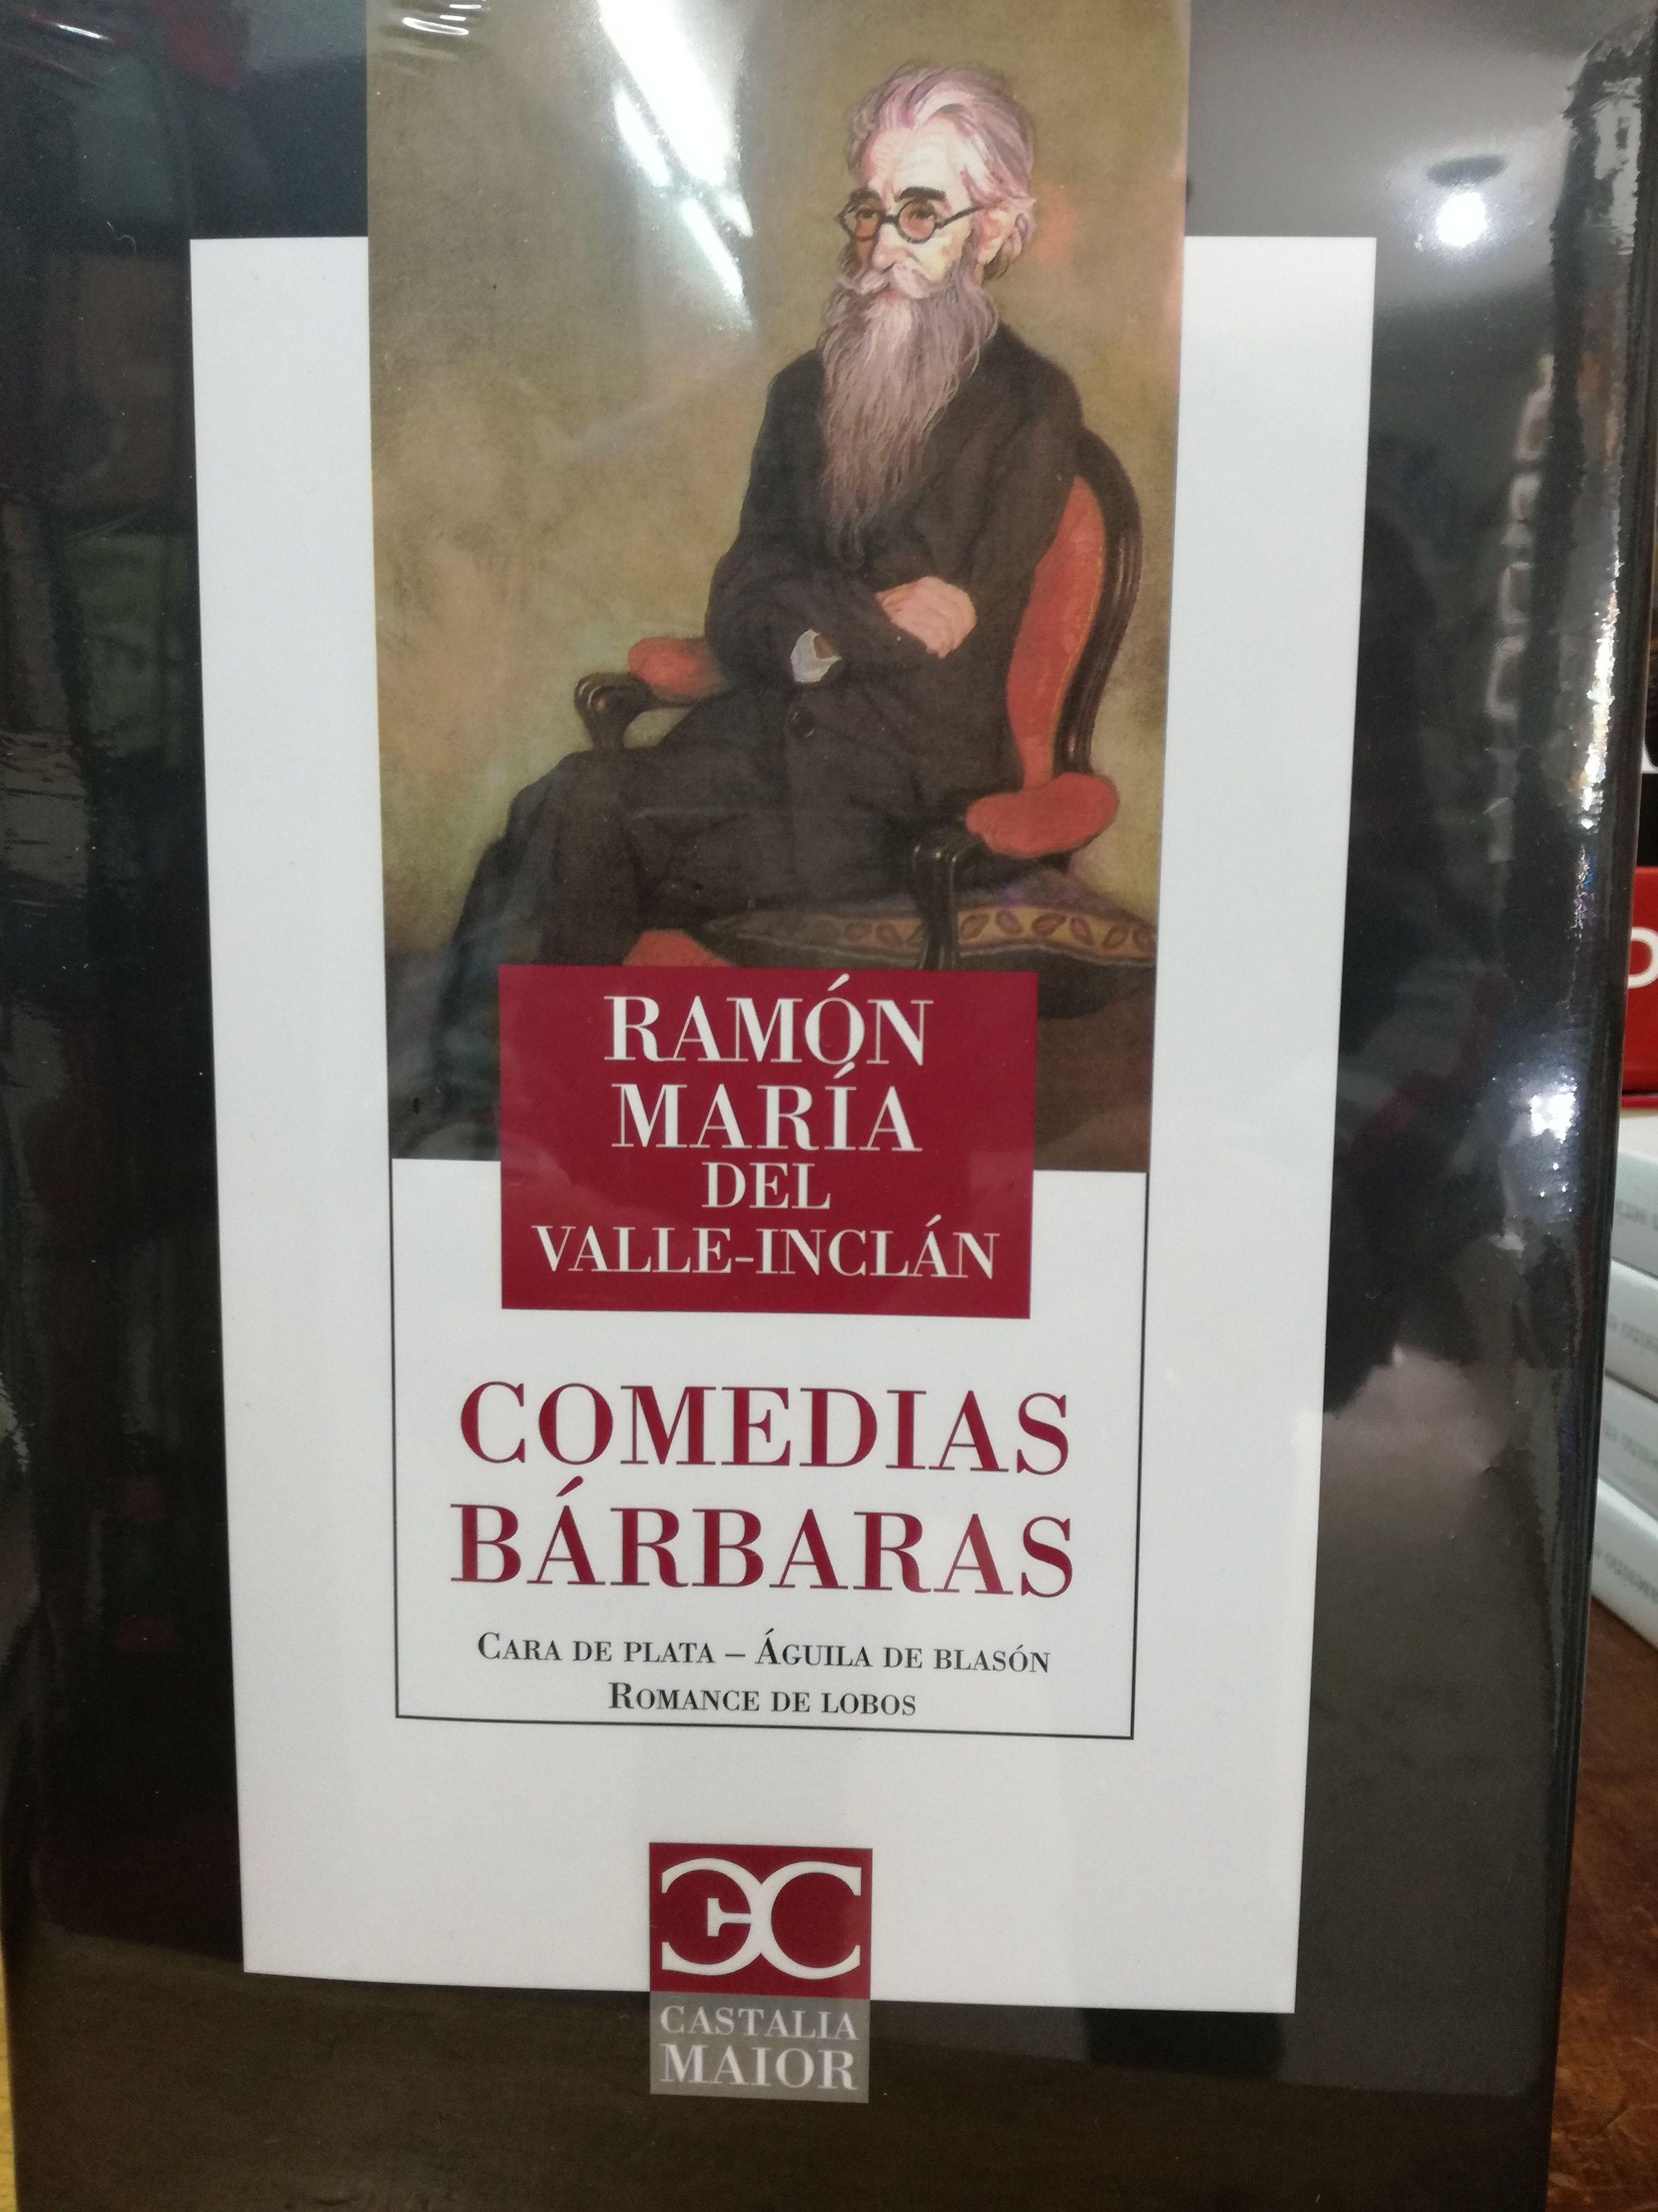 Comedias Barbaras: SECCIONES de Librería Nueva Plaza Universitaria